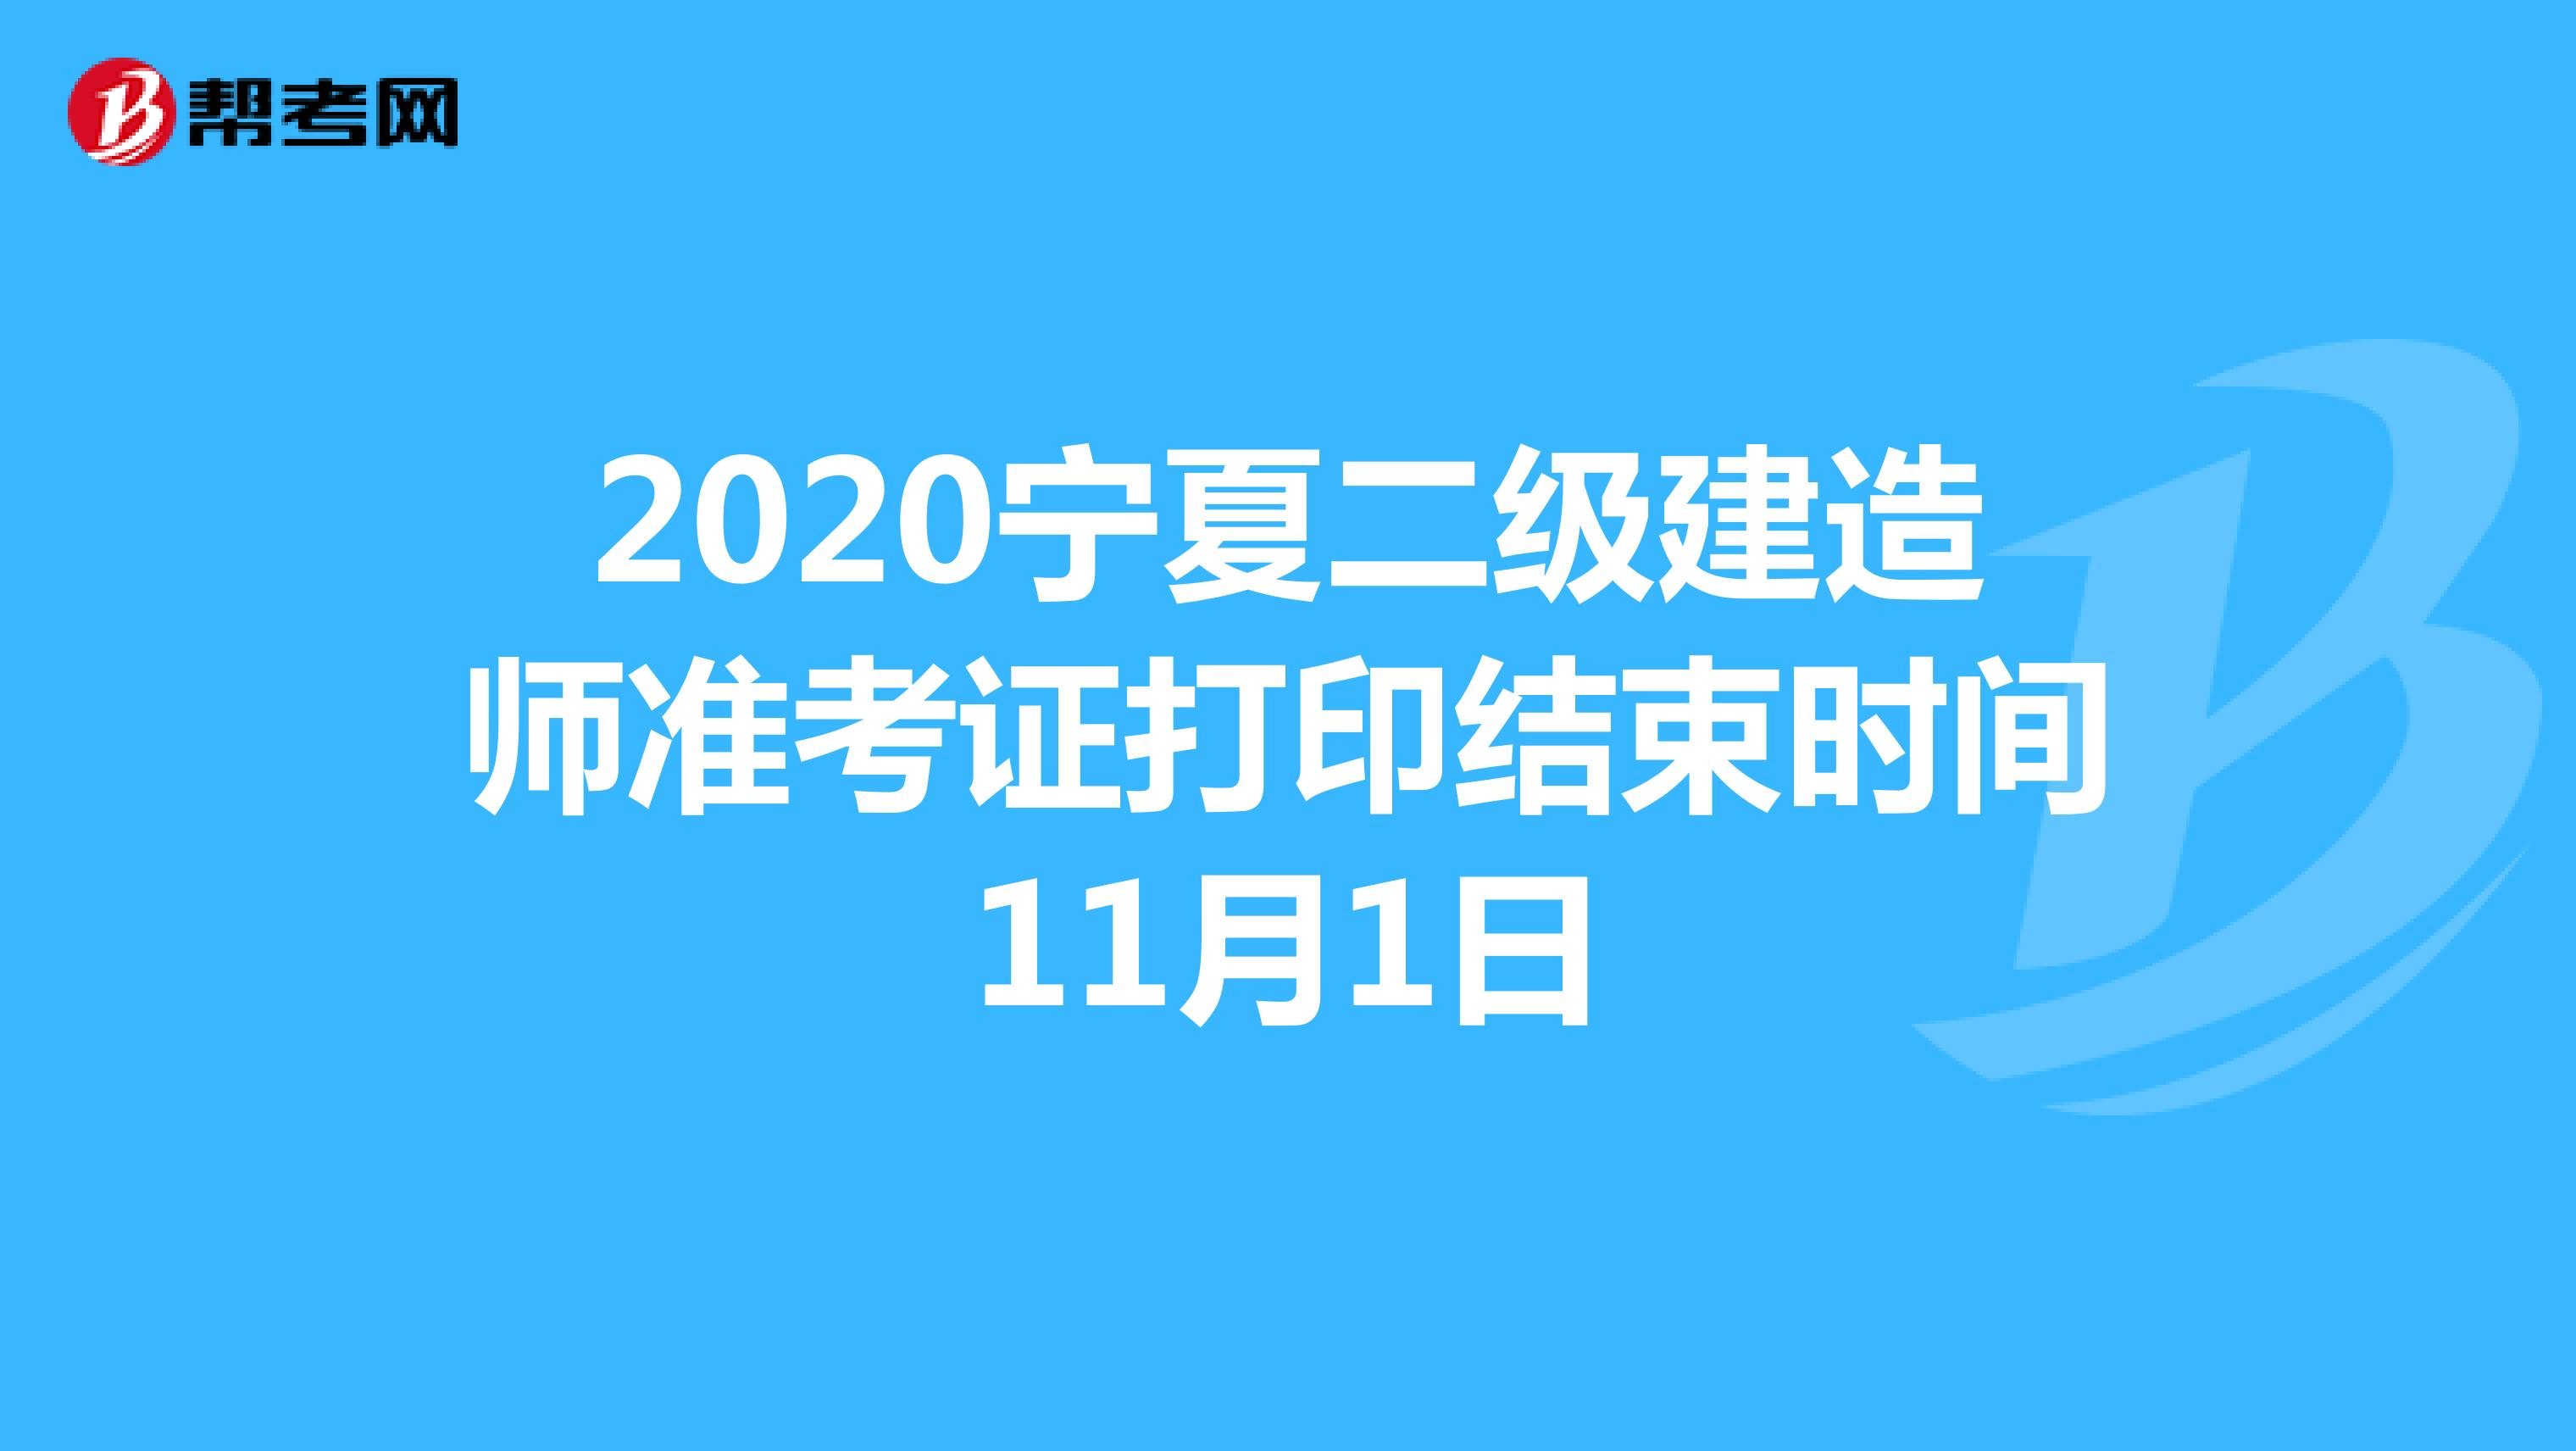 2020宁夏(hot88体育官网)二级建造师准考证打印结束时间11月1日